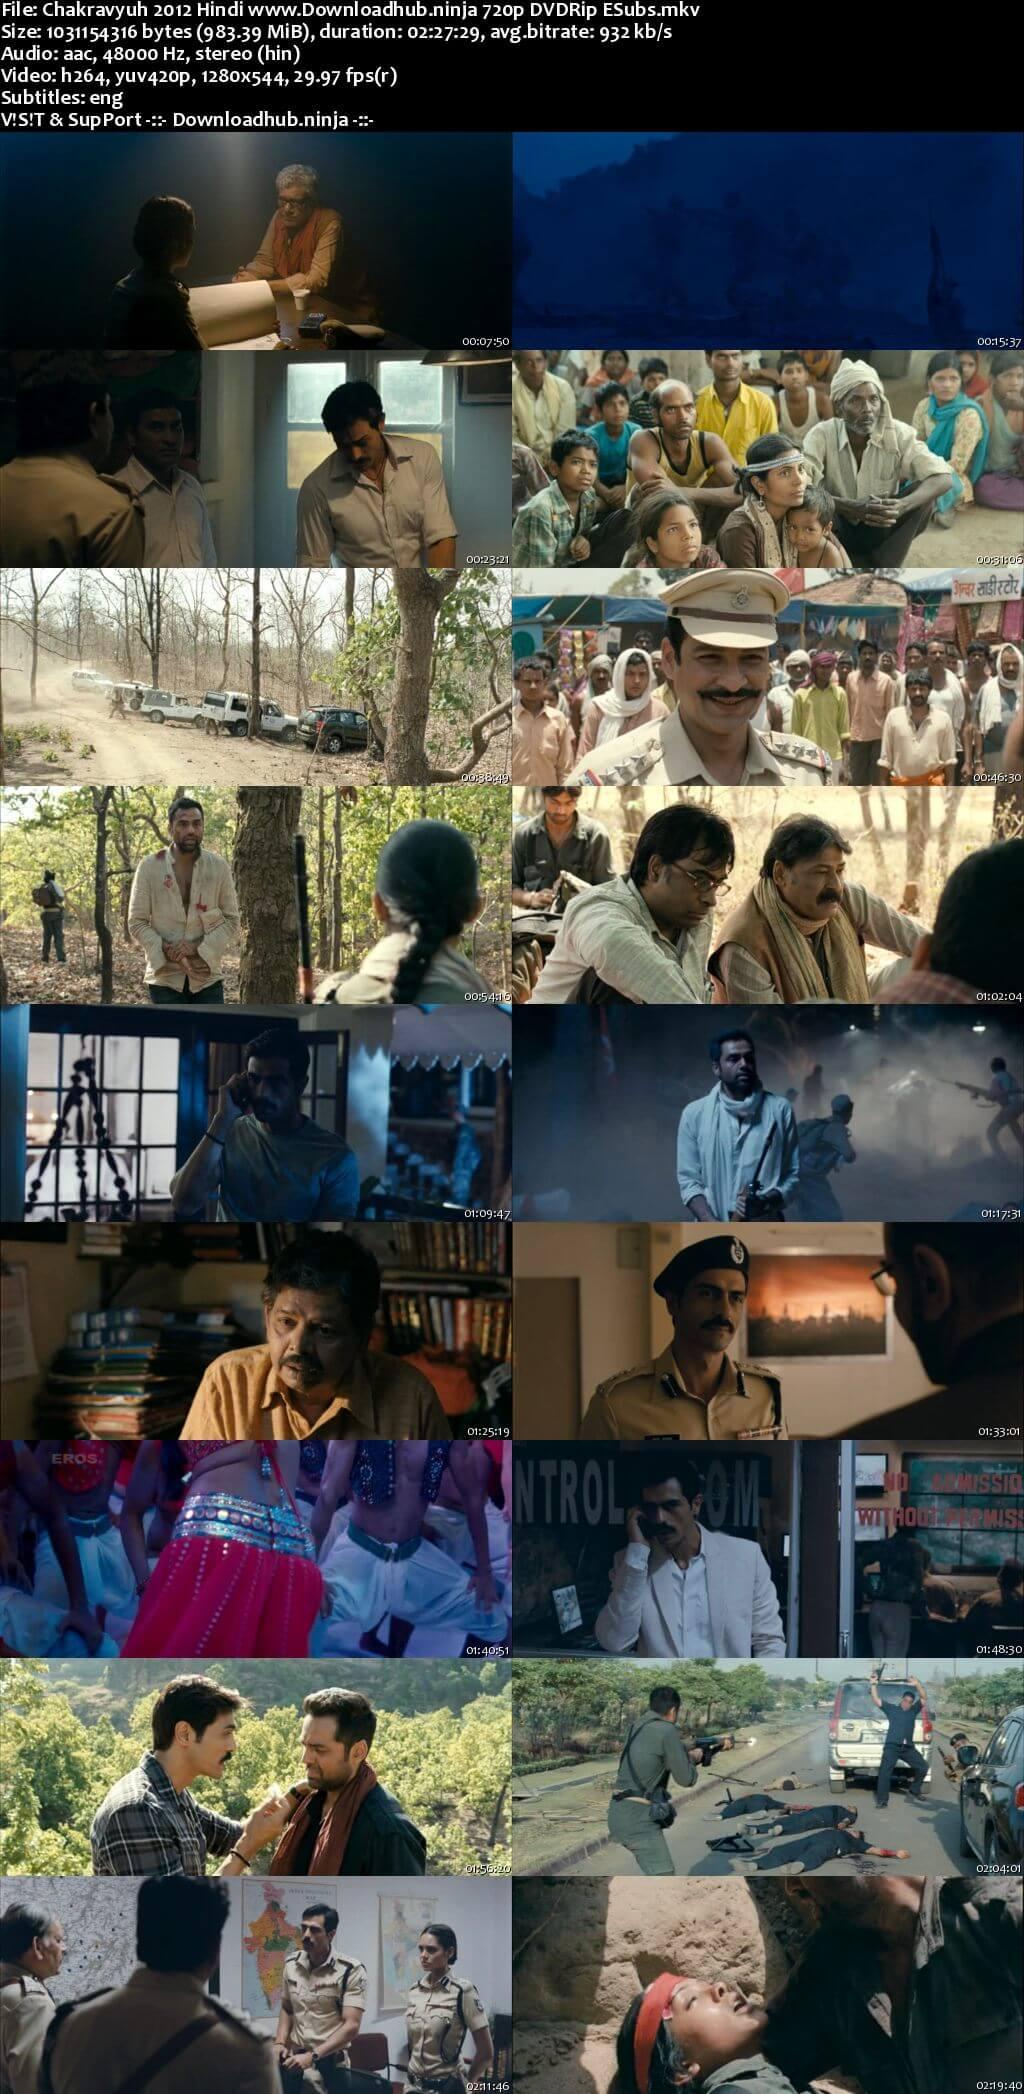 Chakravyuh 2012 Hindi 720p DVDRip ESubs